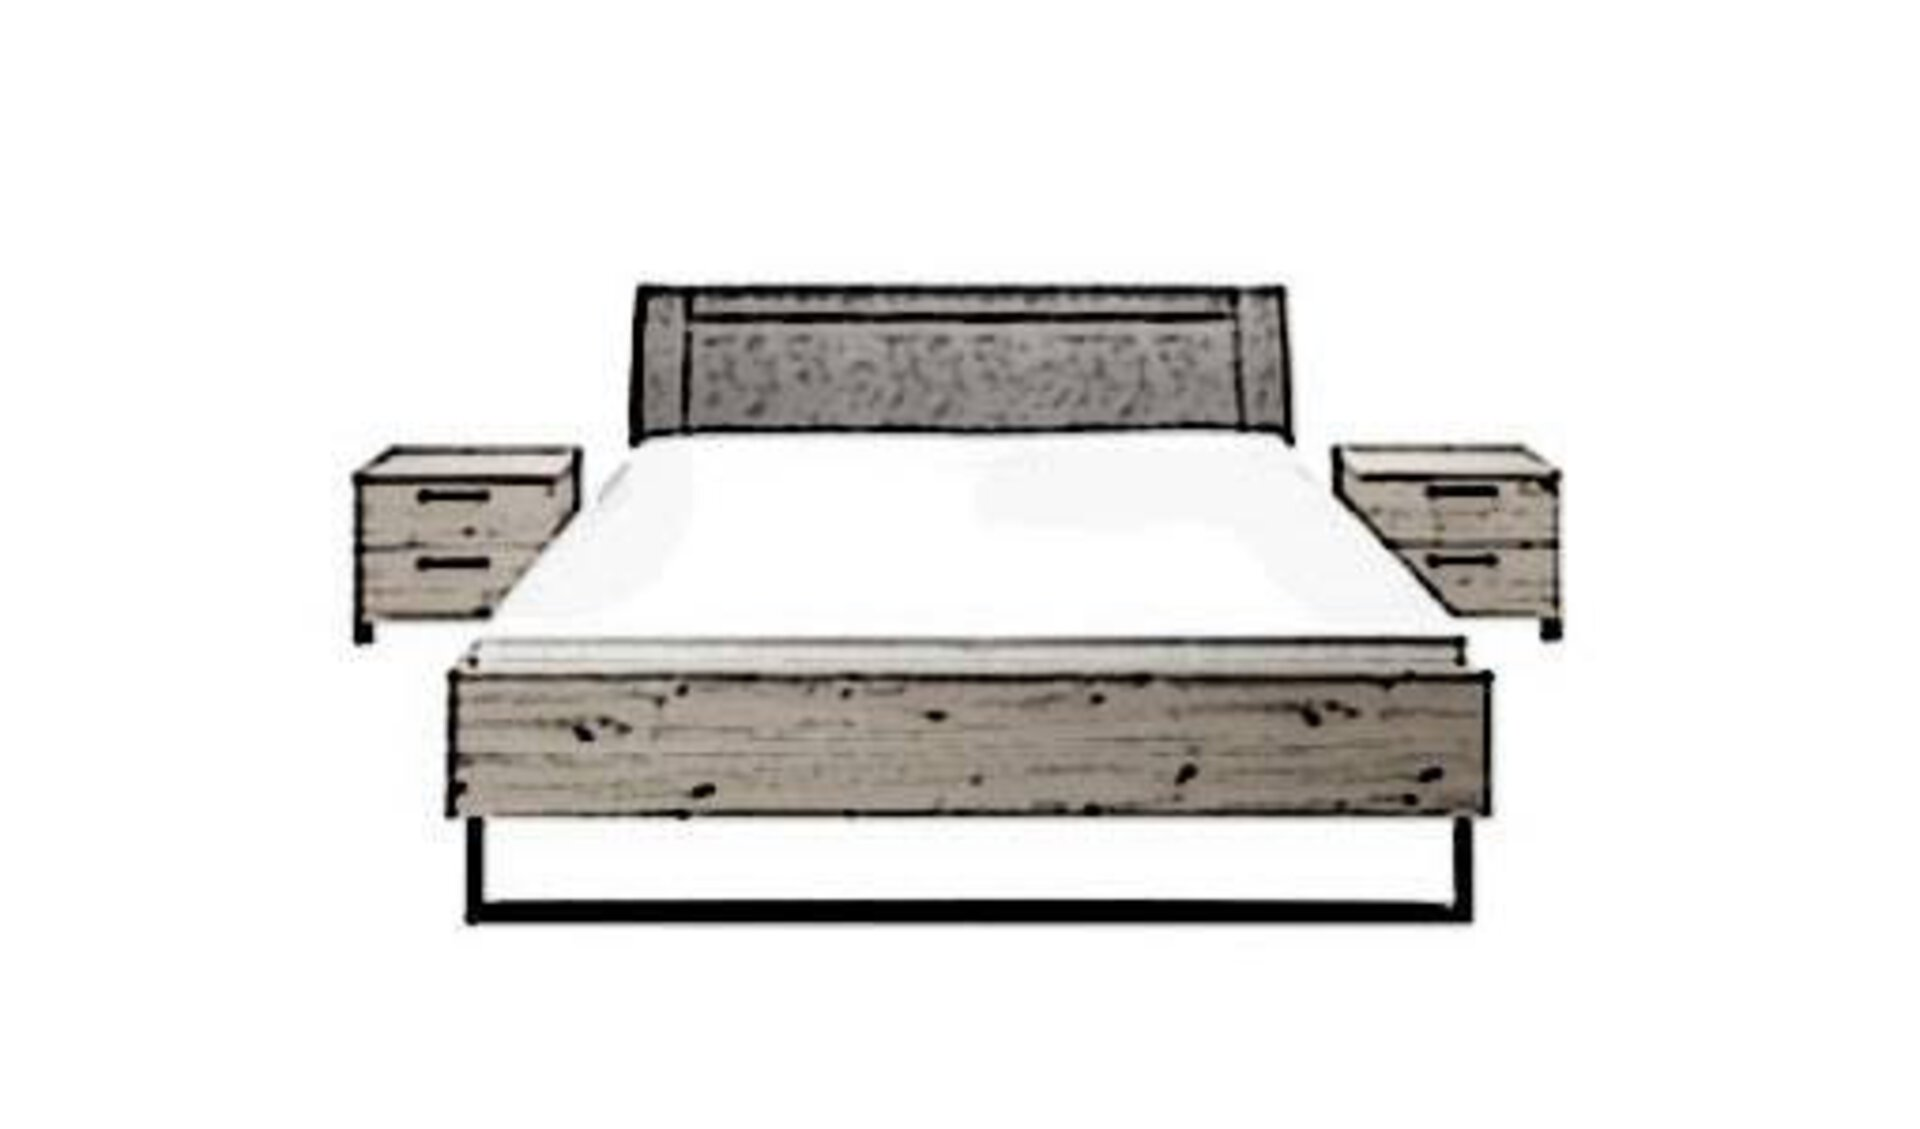 Bett mit Holzgestell, Kopfstütze und Nachttischen links und rechts des Betts zeigt stilisiert die in der Produktwelt enthaltenen Schlafzimmerbetten.